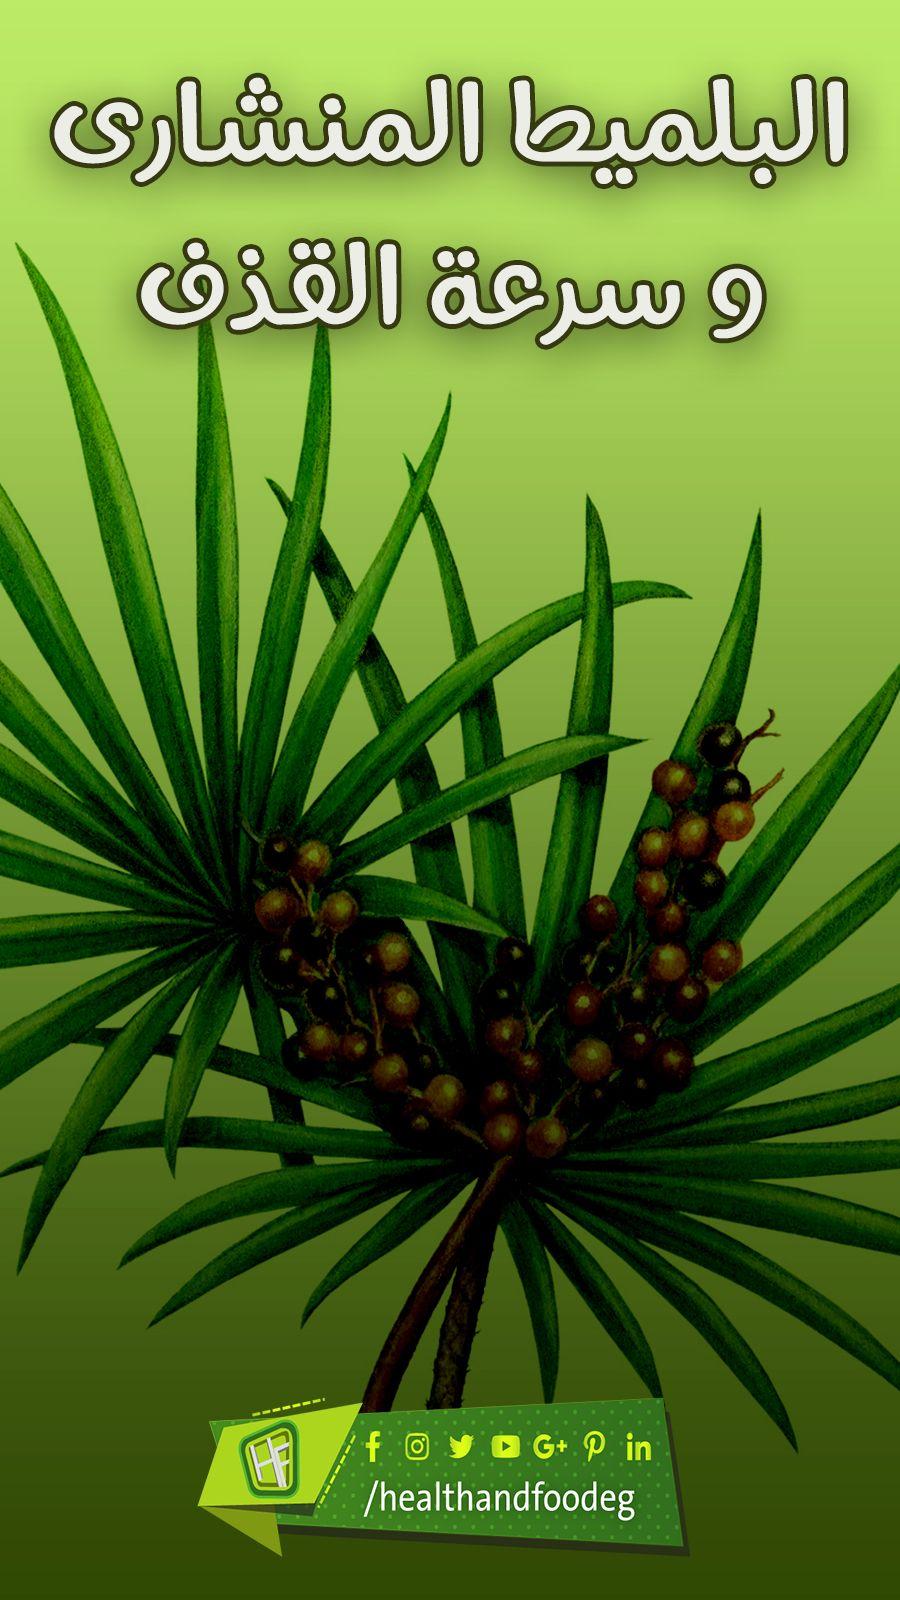 تعرف على تأثير بلميط المنشاري بسرعة القذف Plants